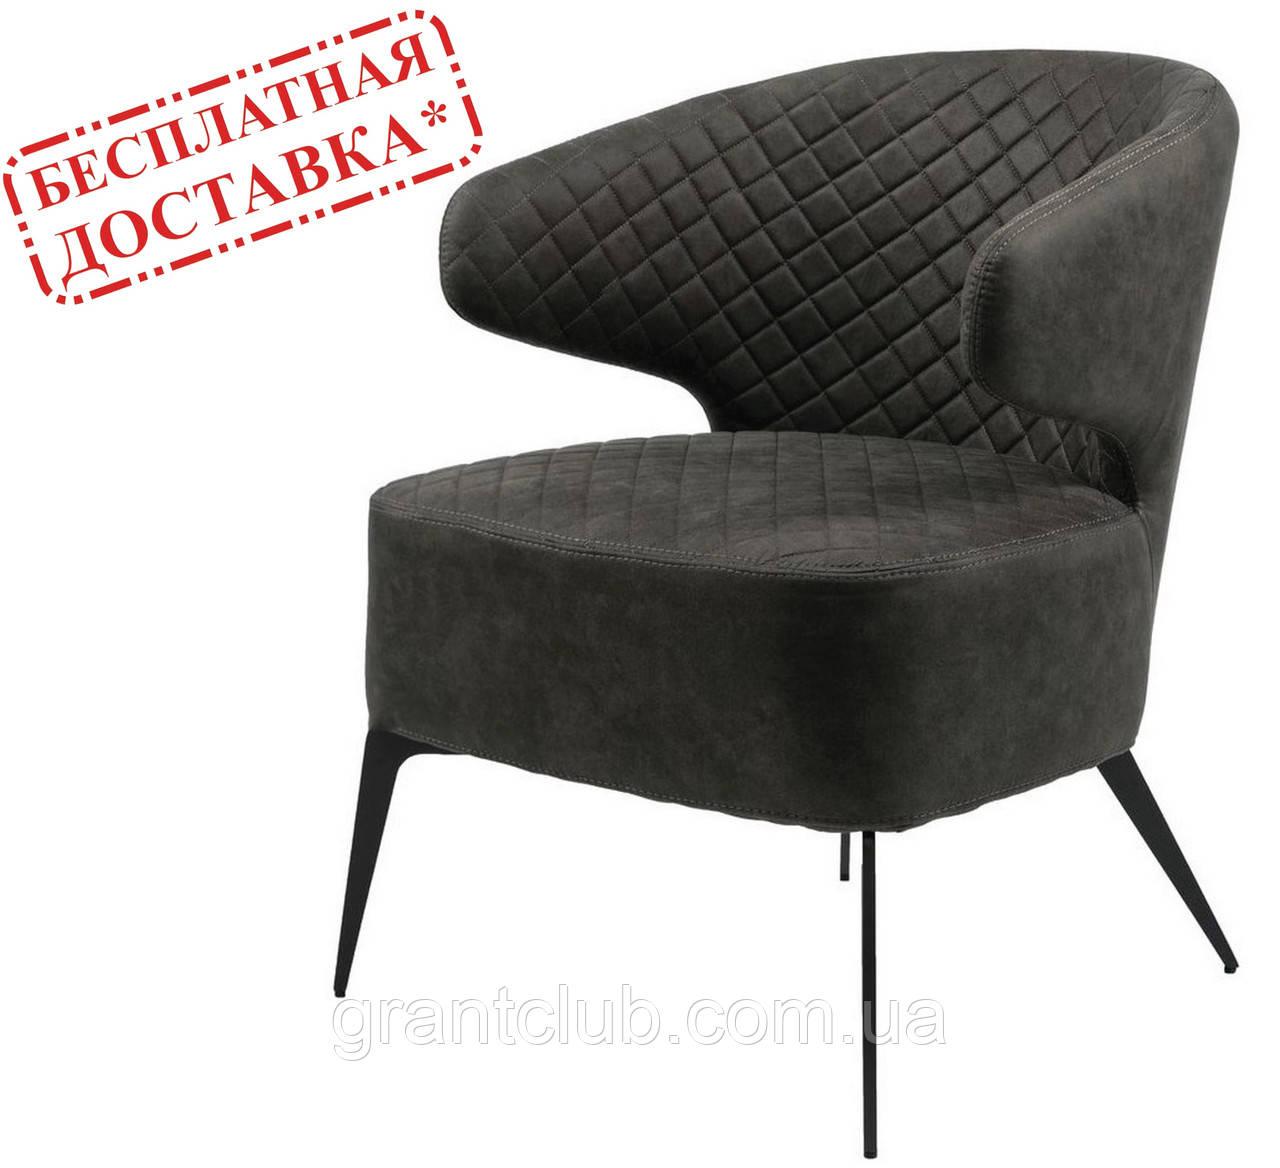 Кресло лаунж Keen нефтяной серый (бесплатная доставка)